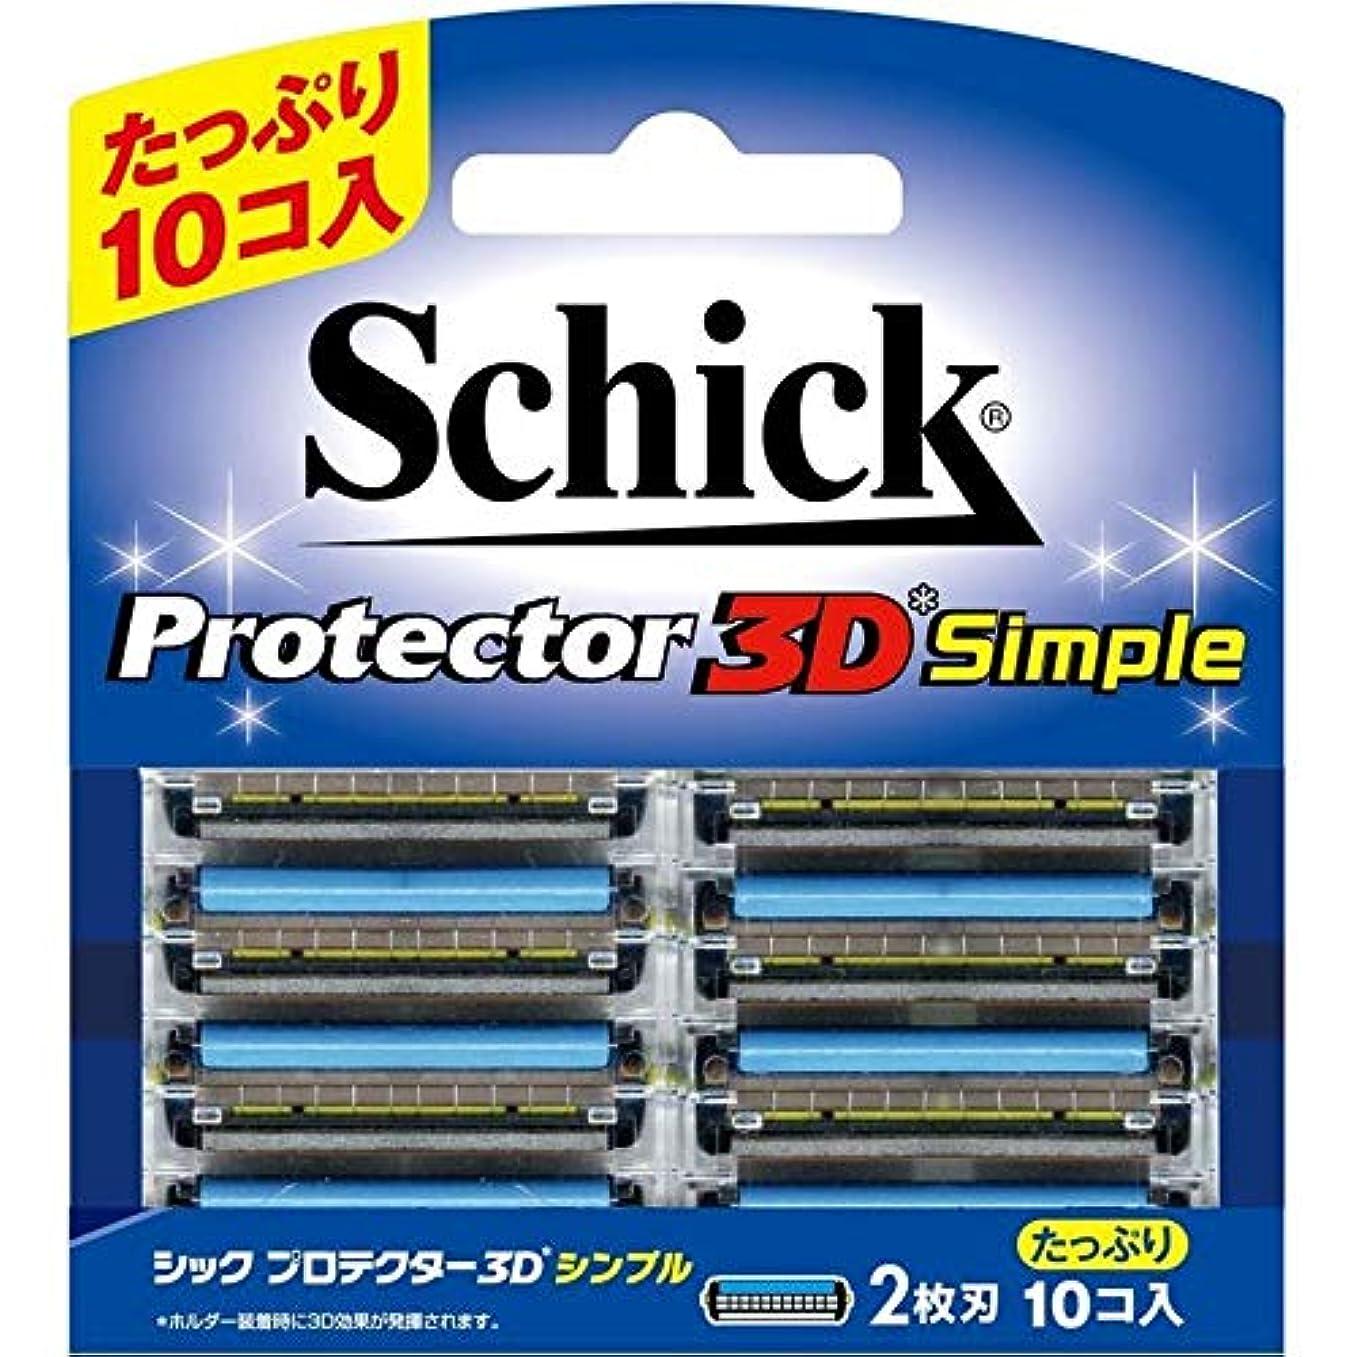 否定する昇る愛人シック プロテクター3D シンプル 替刃 (10コ入) 男性用カミソリ 2個セット